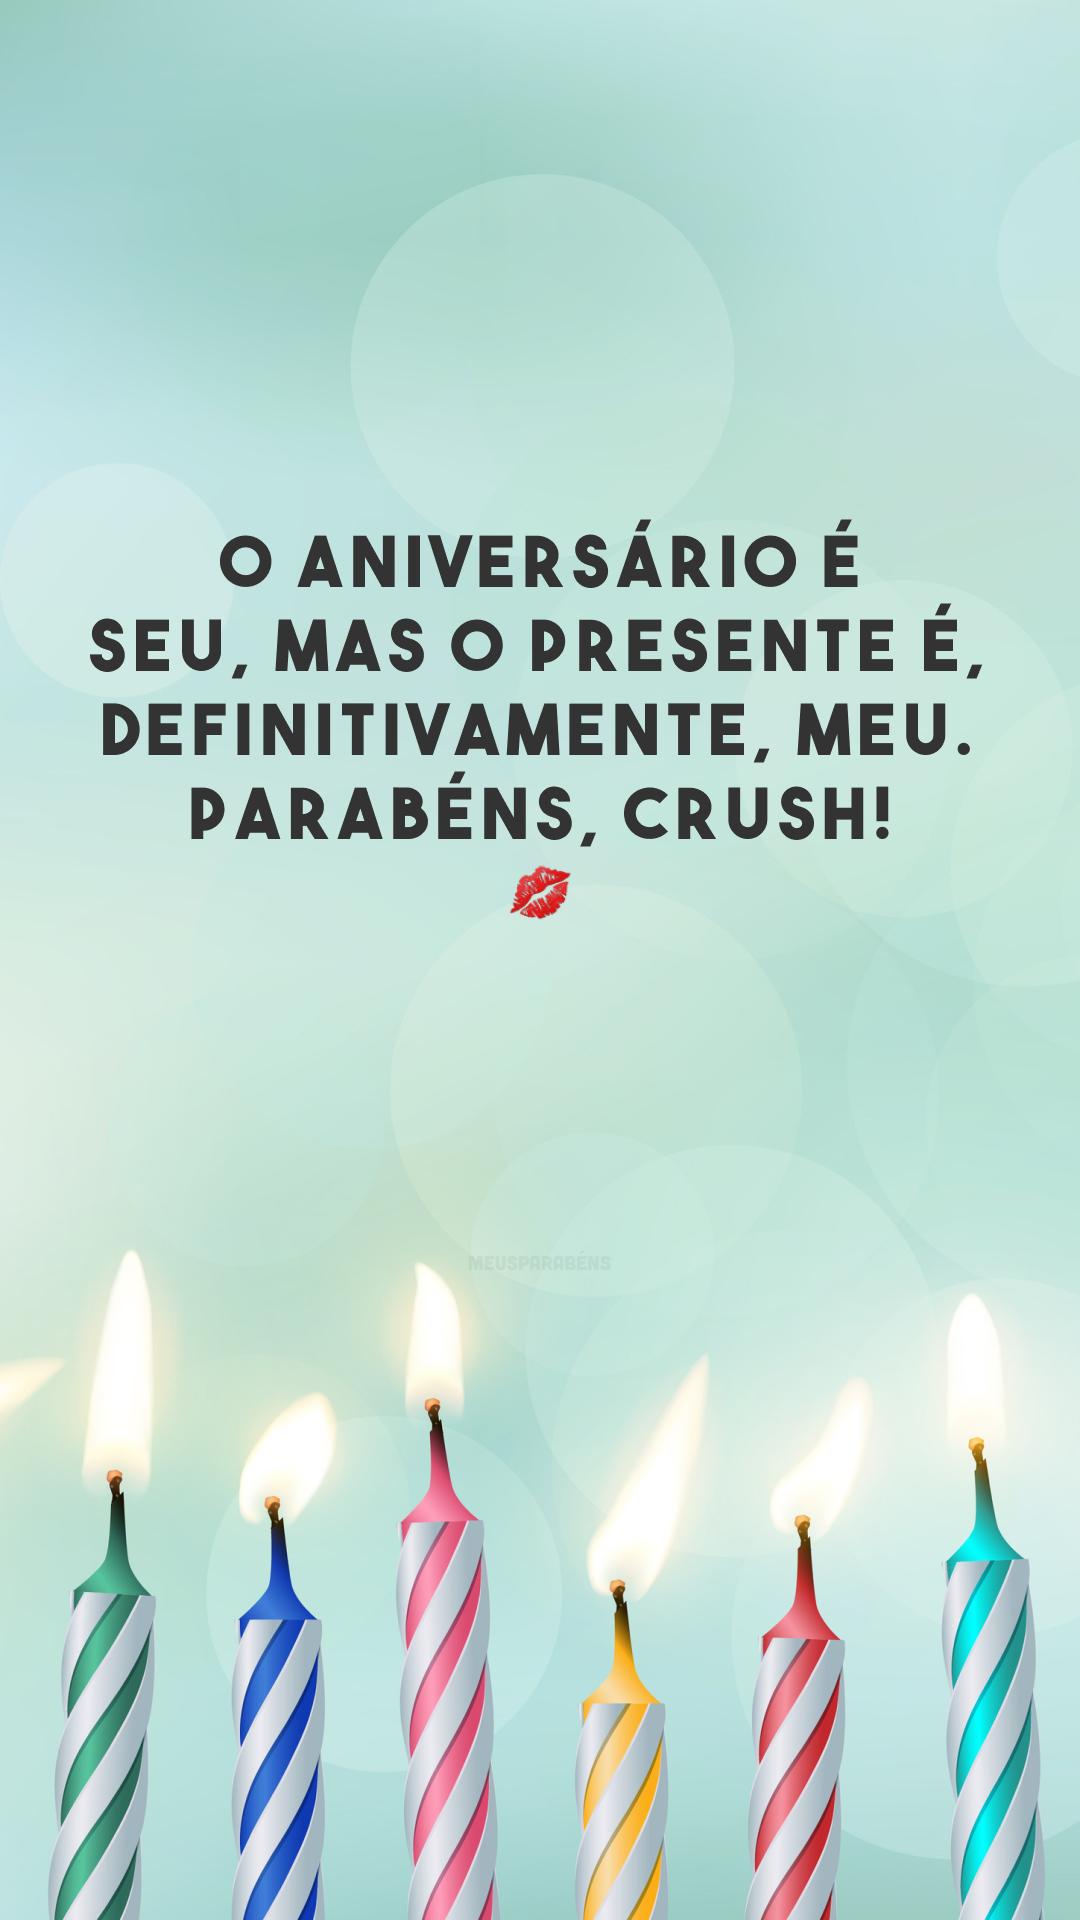 O aniversário é seu, mas o presente é, definitivamente, meu. Parabéns, crush! 💋